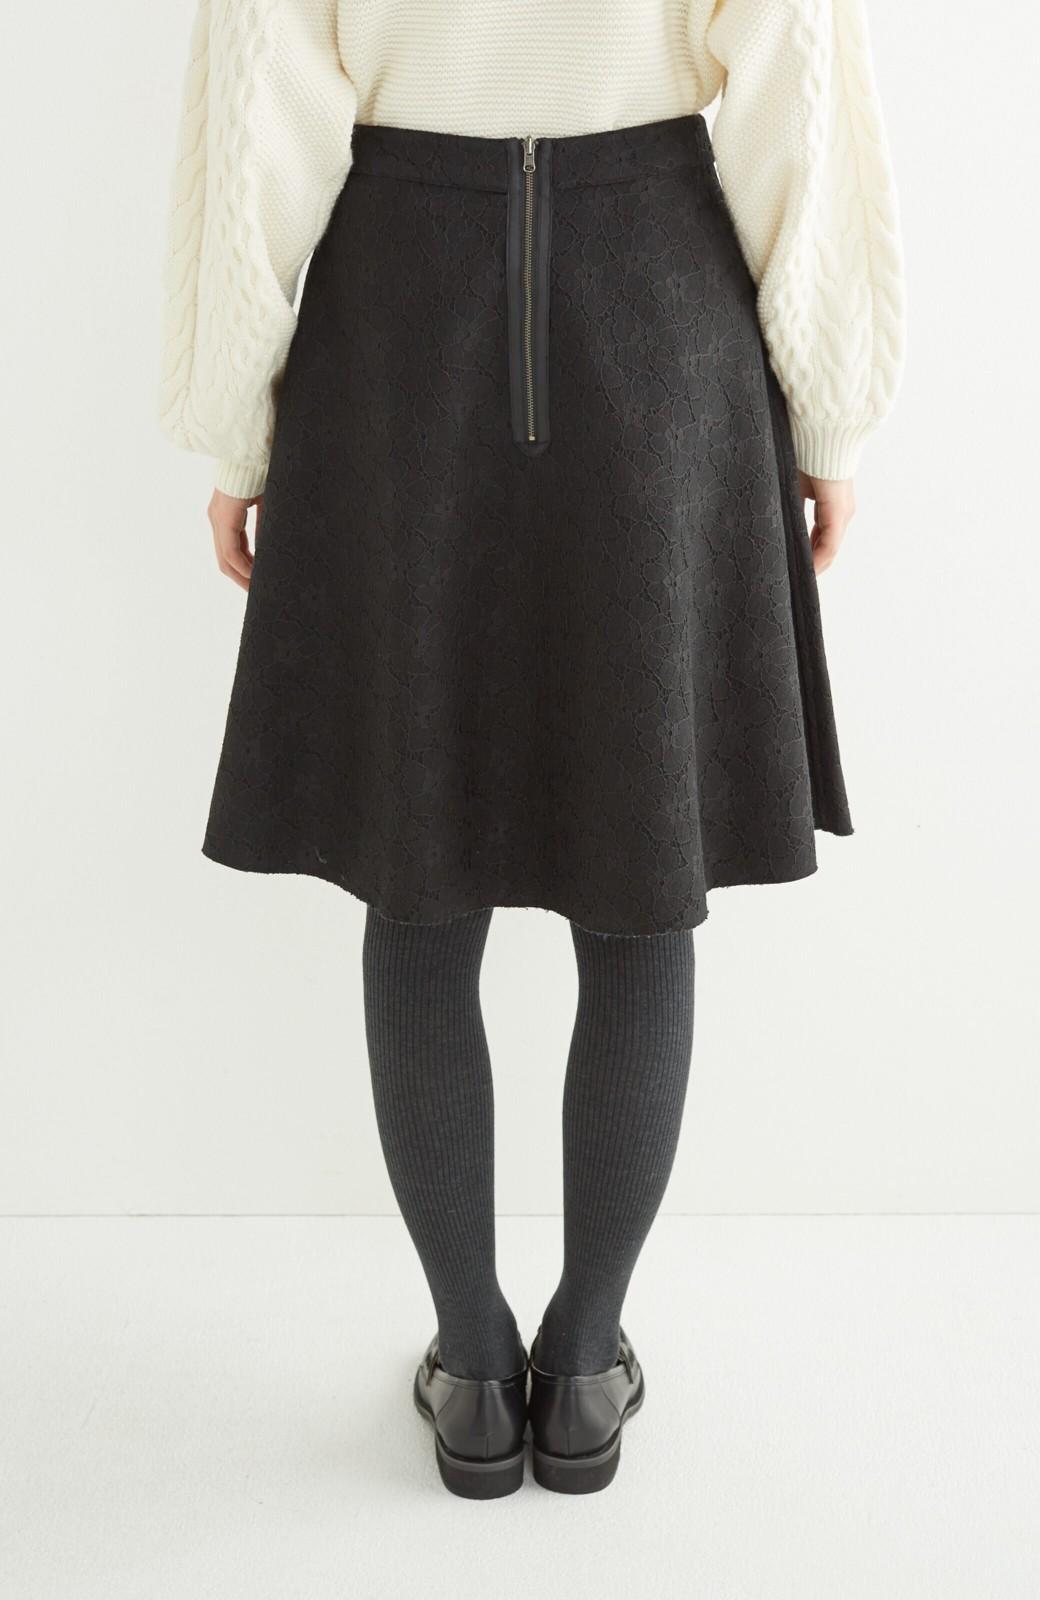 エムトロワ 定番ブラックと華やかレースのリバーシブルフレアースカート <ブラック>の商品写真10